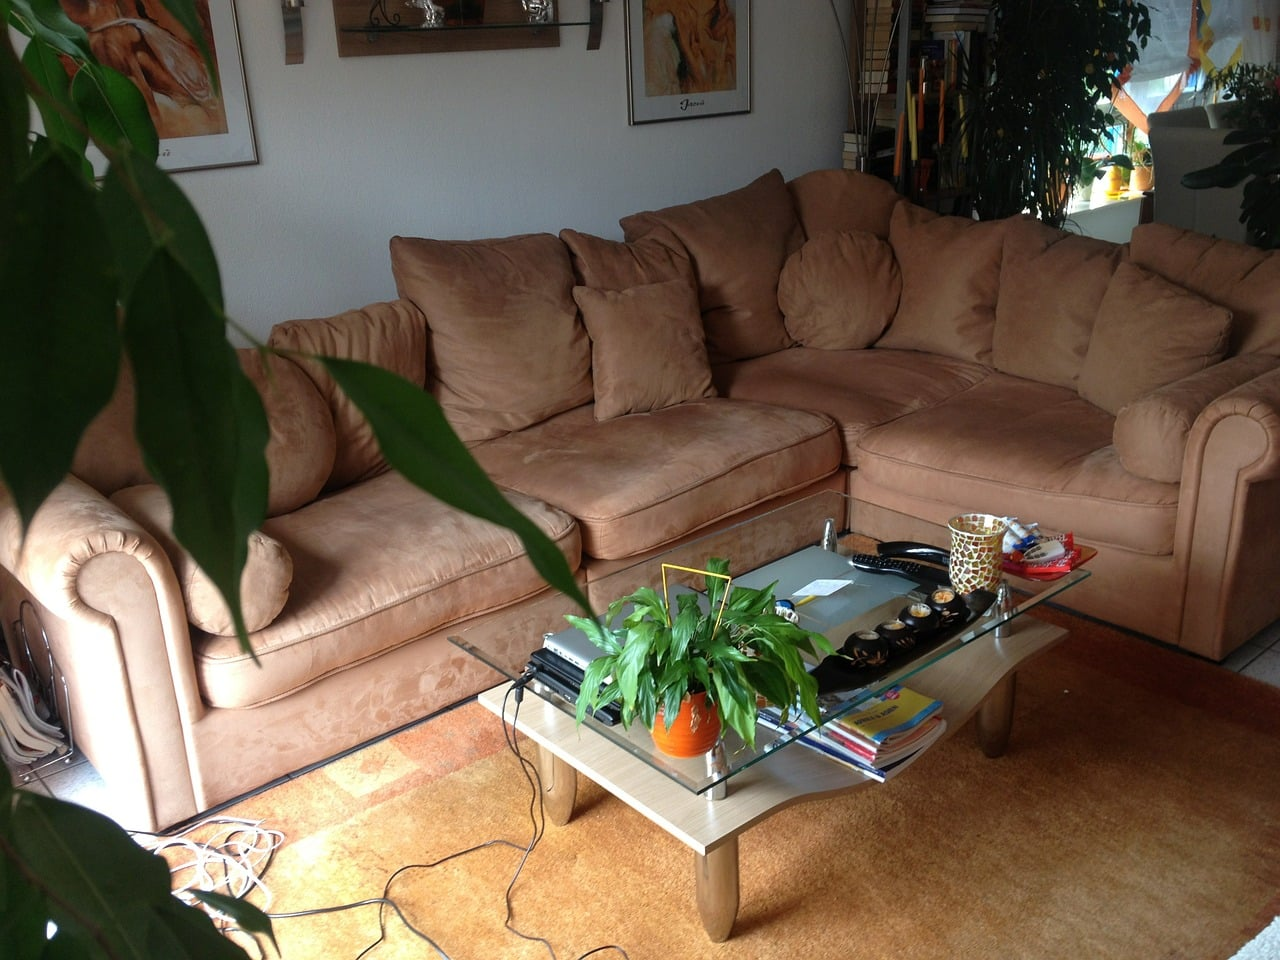 Le produit magique pour enlever les odeurs de tabac sur un canapé